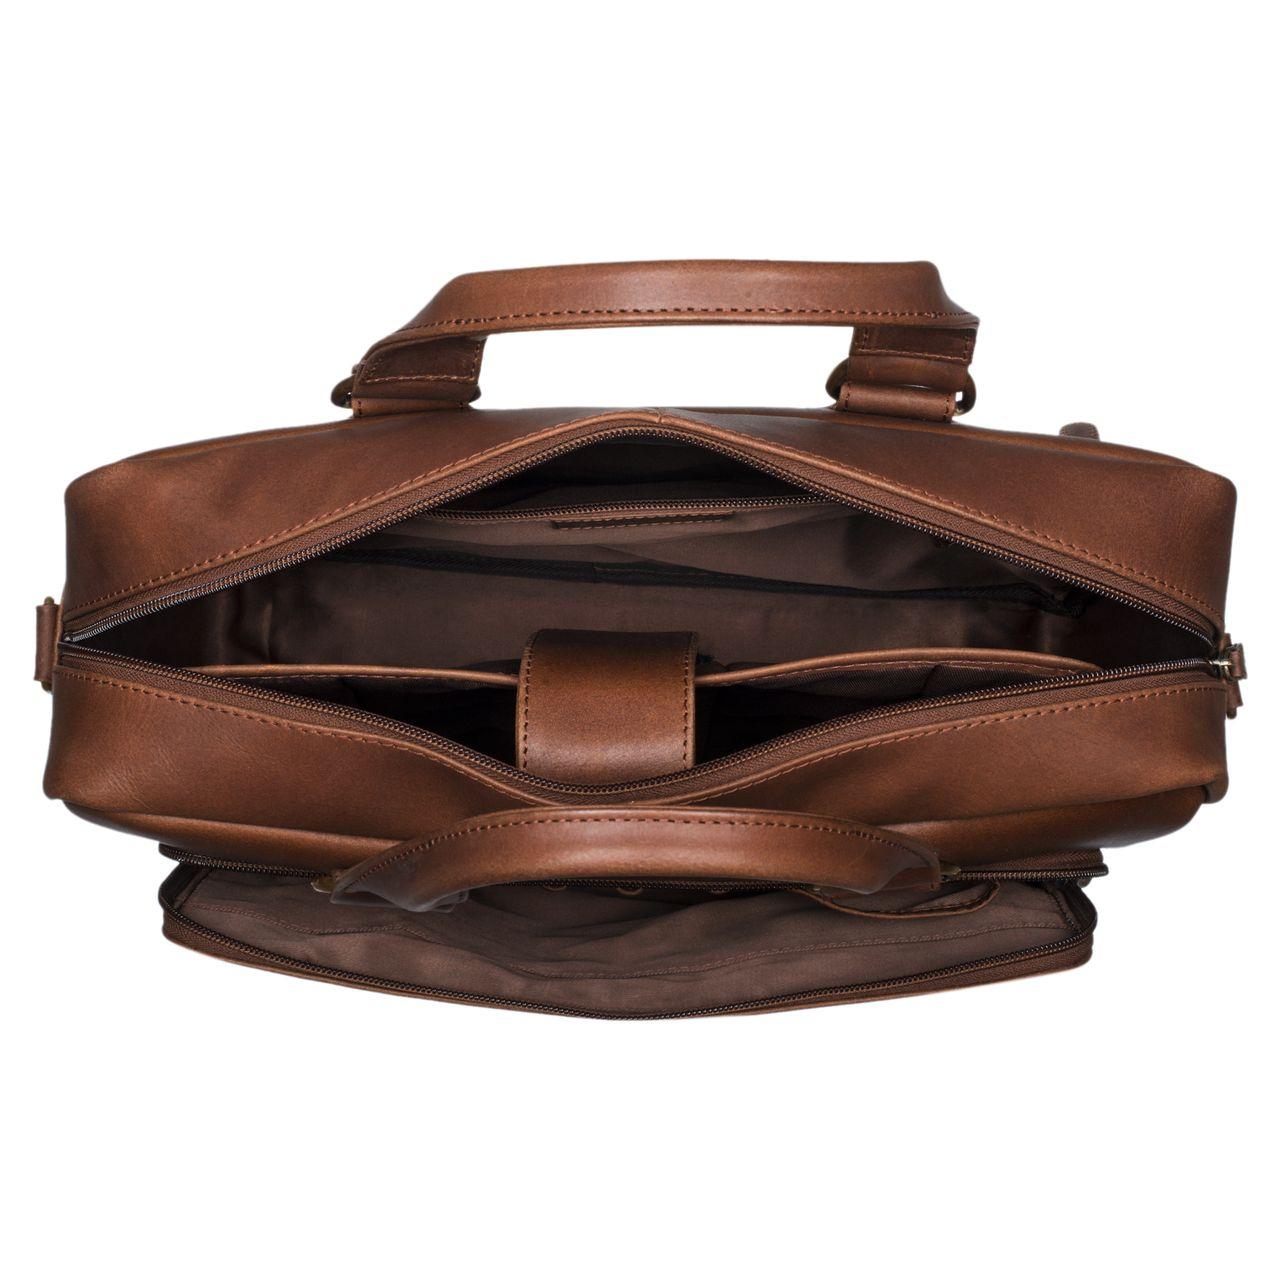 stilord joshua vintage businesstasche leder braun gro. Black Bedroom Furniture Sets. Home Design Ideas